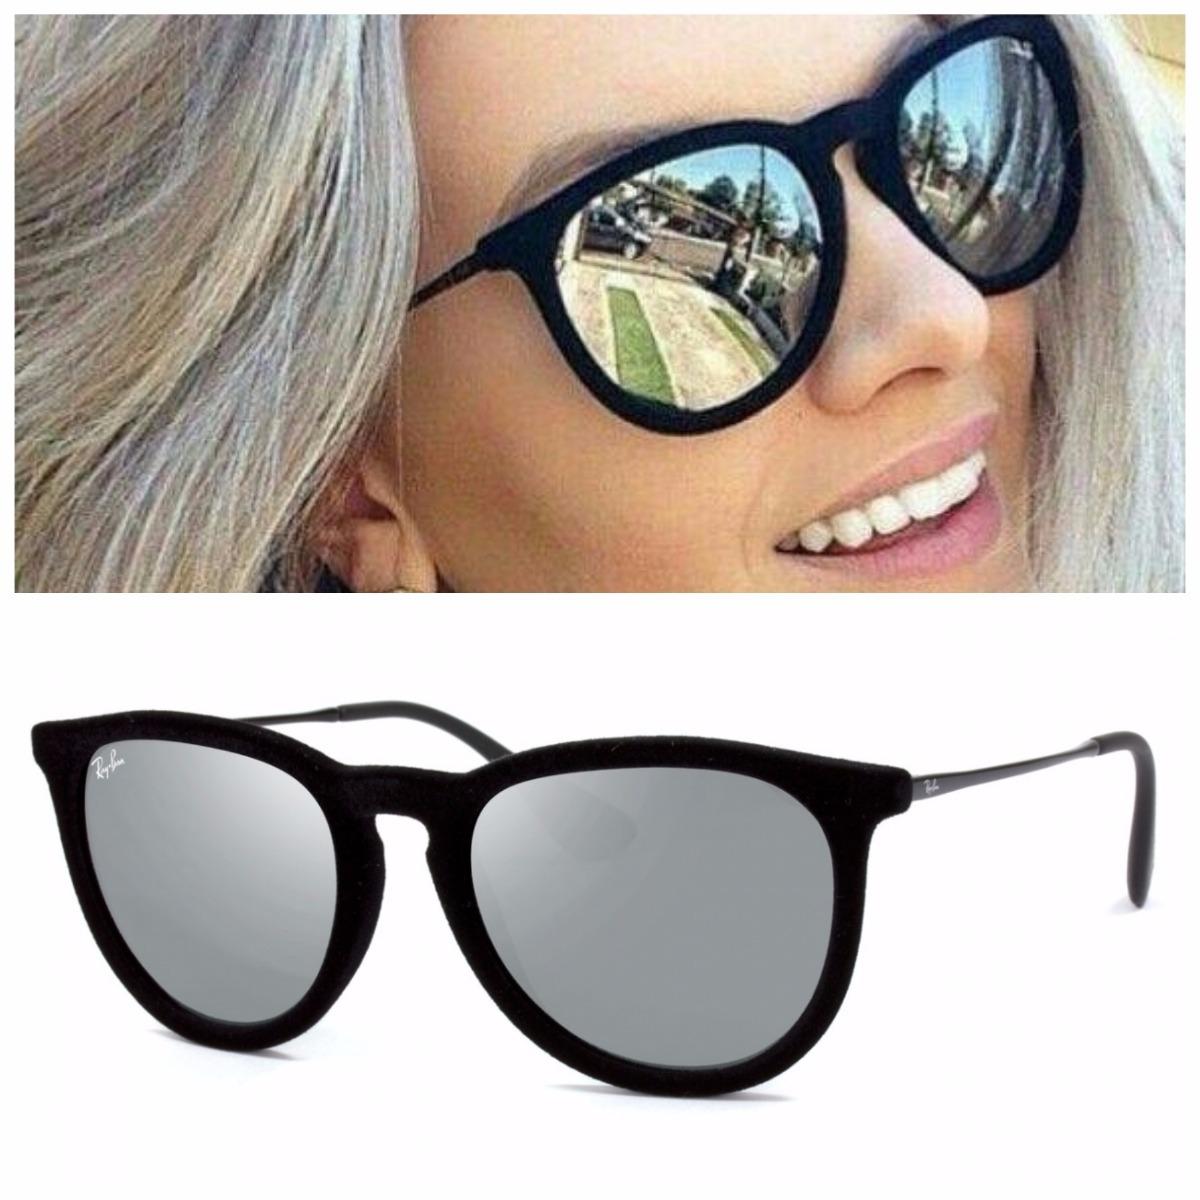 0d326cce756d8 óculos sol feminino redondo érica erika veludo camurça prata. Carregando  zoom.